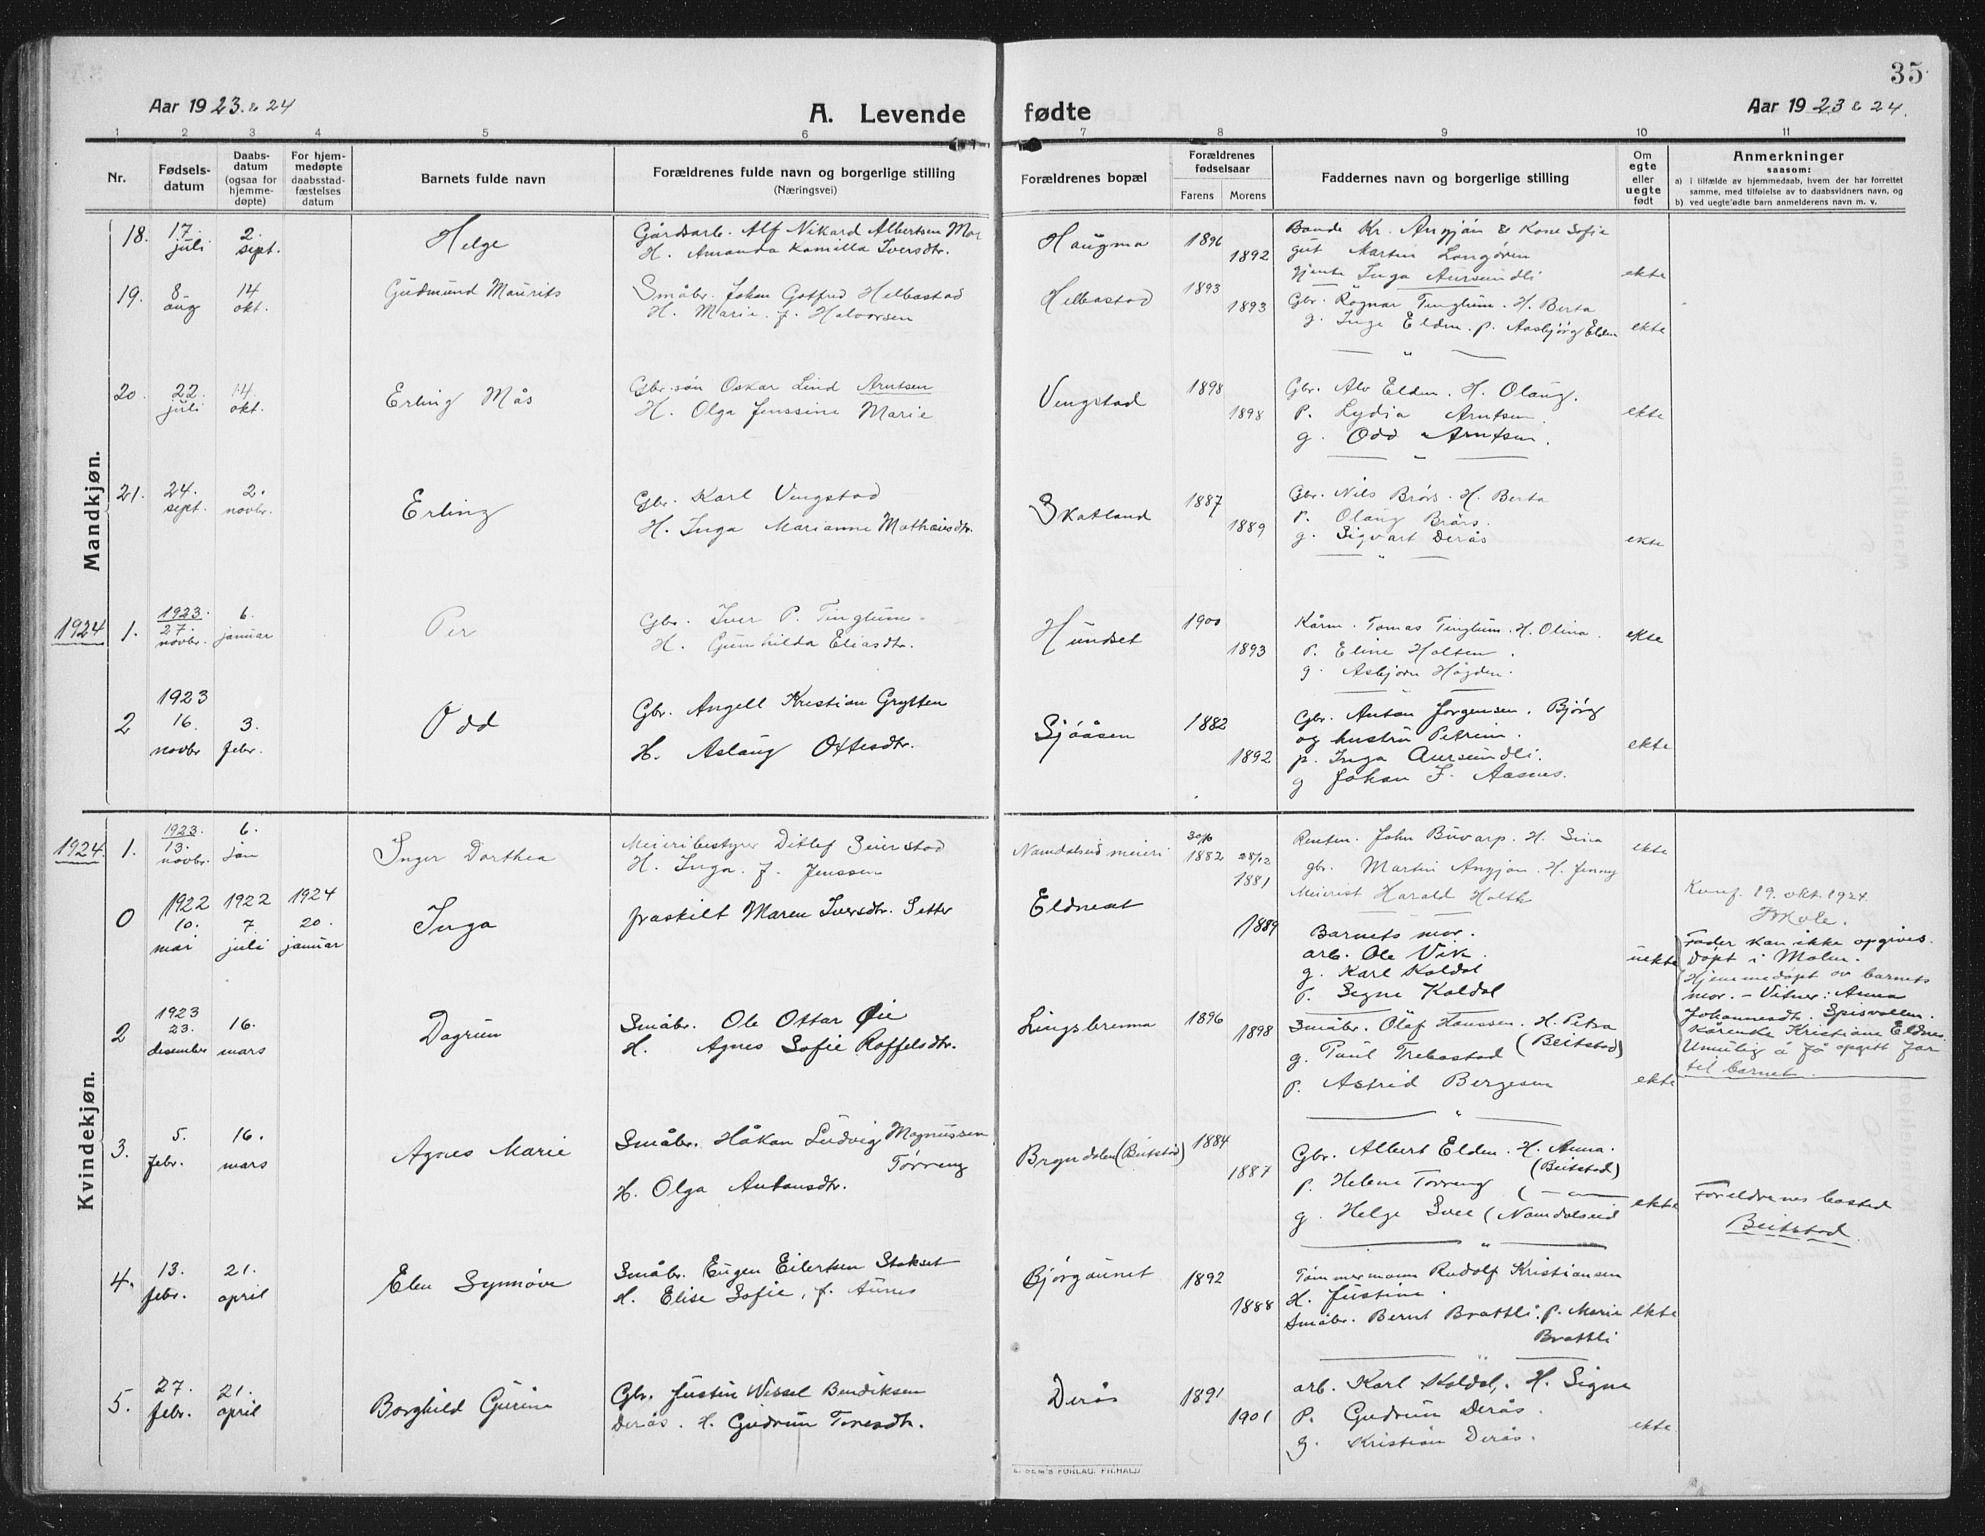 SAT, Ministerialprotokoller, klokkerbøker og fødselsregistre - Nord-Trøndelag, 742/L0413: Klokkerbok nr. 742C04, 1911-1938, s. 35